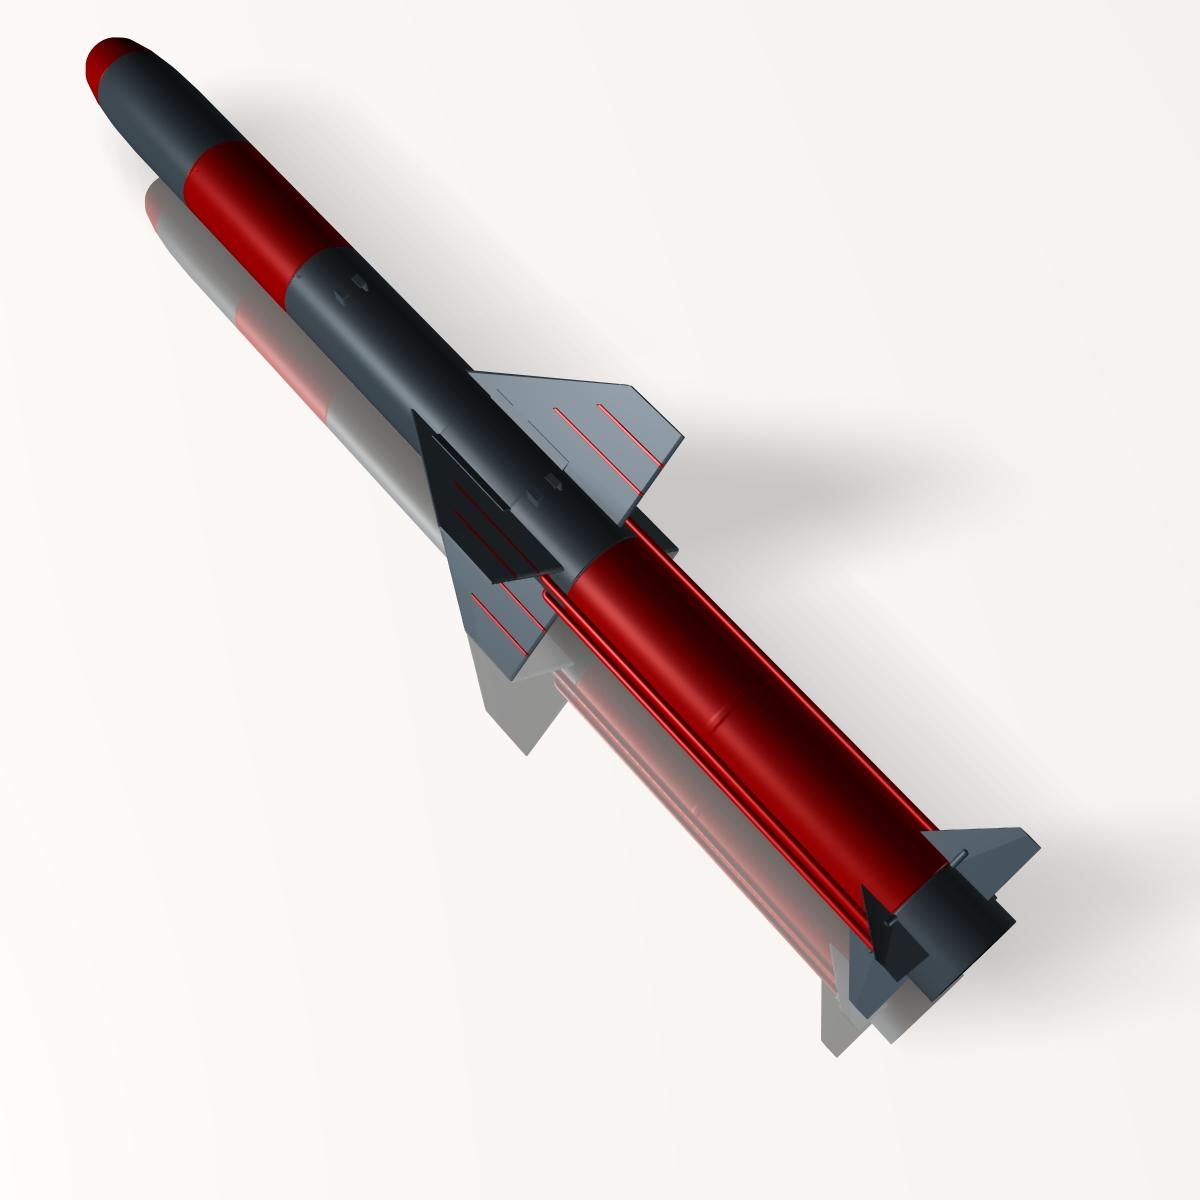 iranian koswar missile 3d model 3ds dxf x cod scn obj 149761